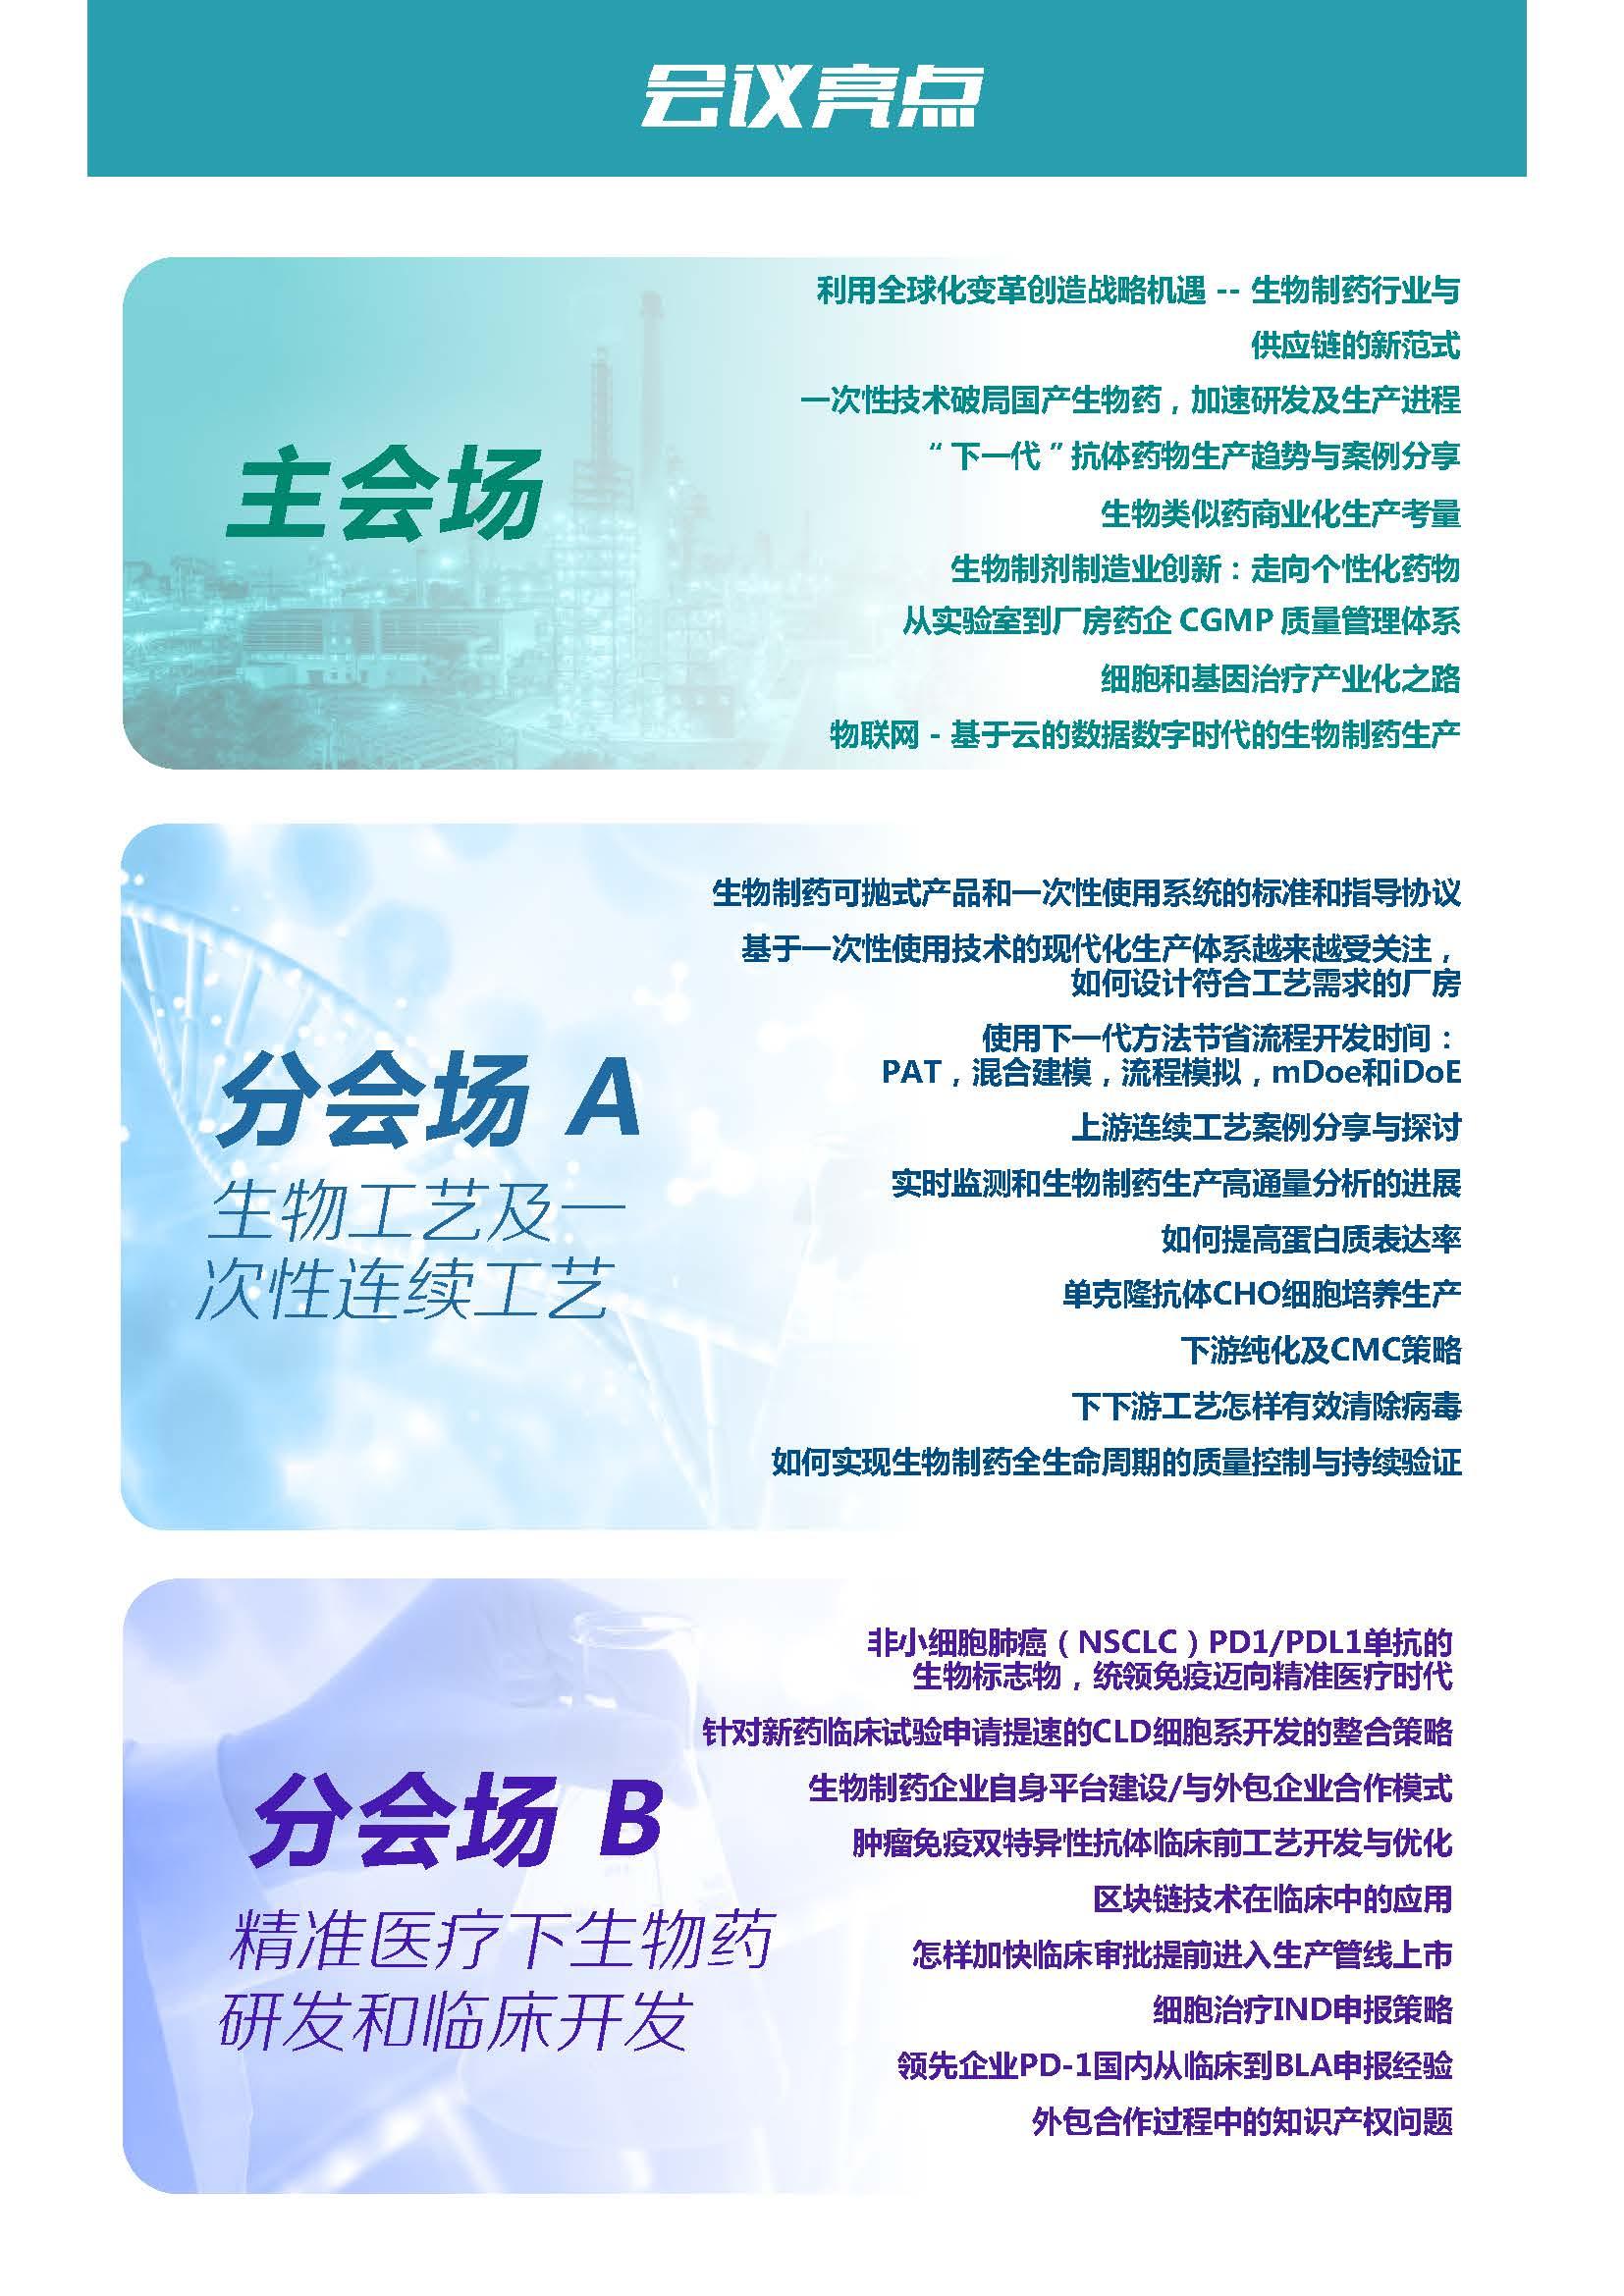 中國國際生物制藥4.0峰會(2020)上海